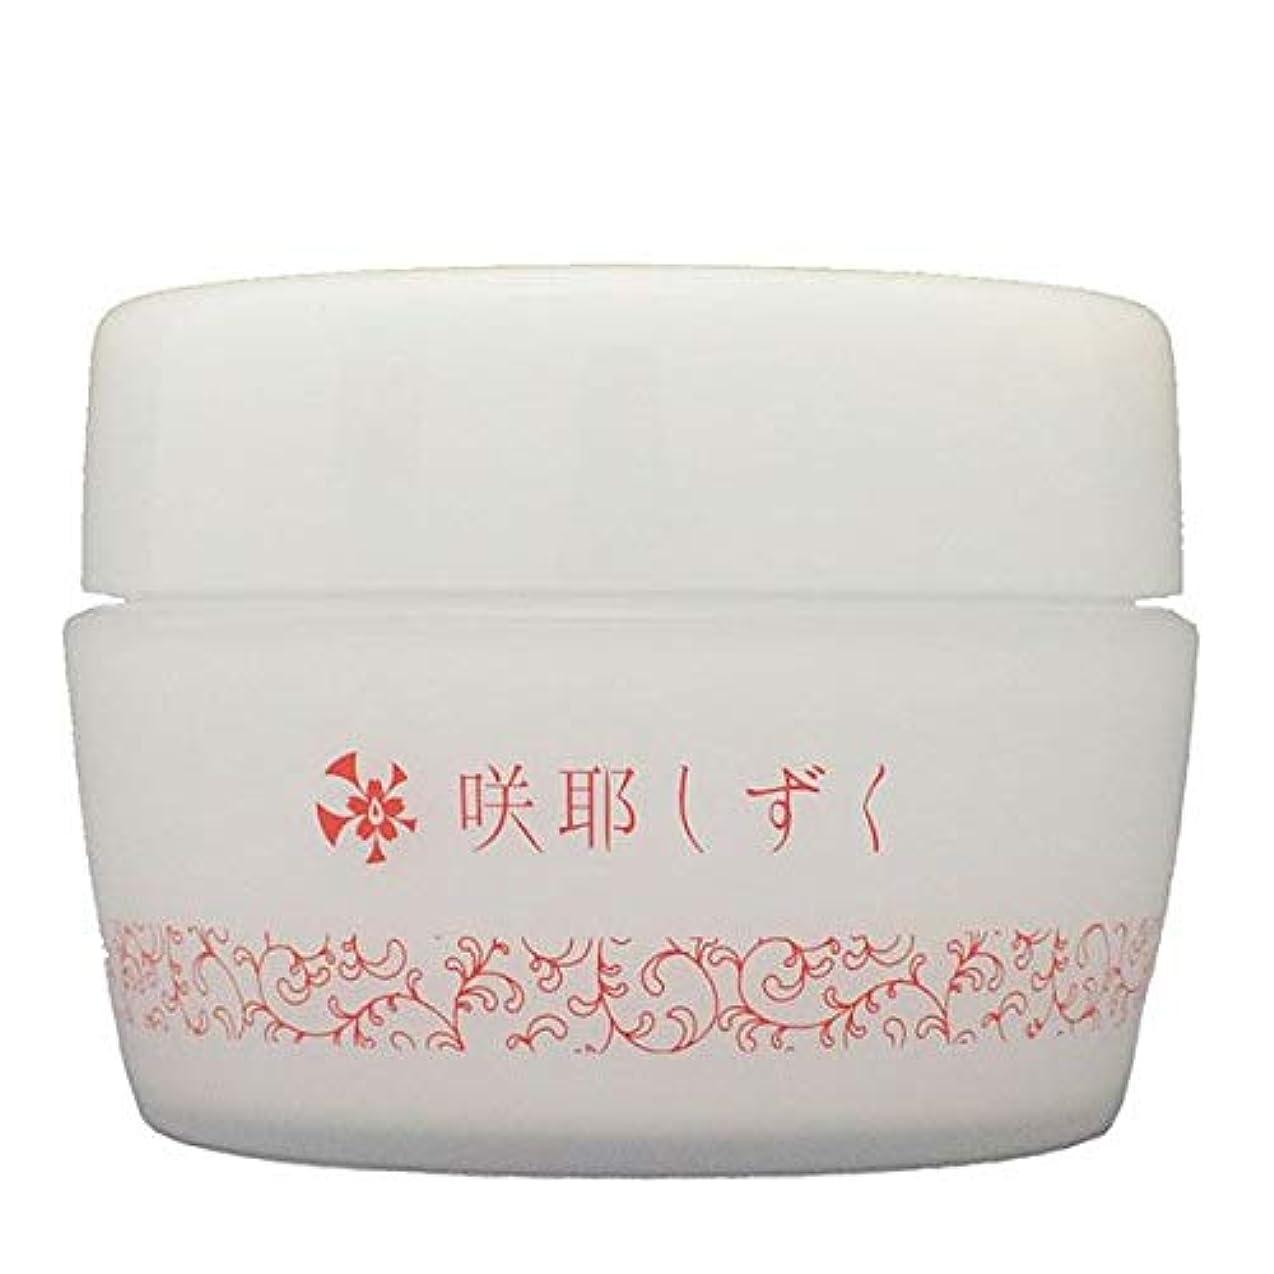 地下室悪性シャッフル咲耶しずく クリーム 乾燥肌 さくやしずく 敏感肌 エムズジャパン M's Japan ms-sge01